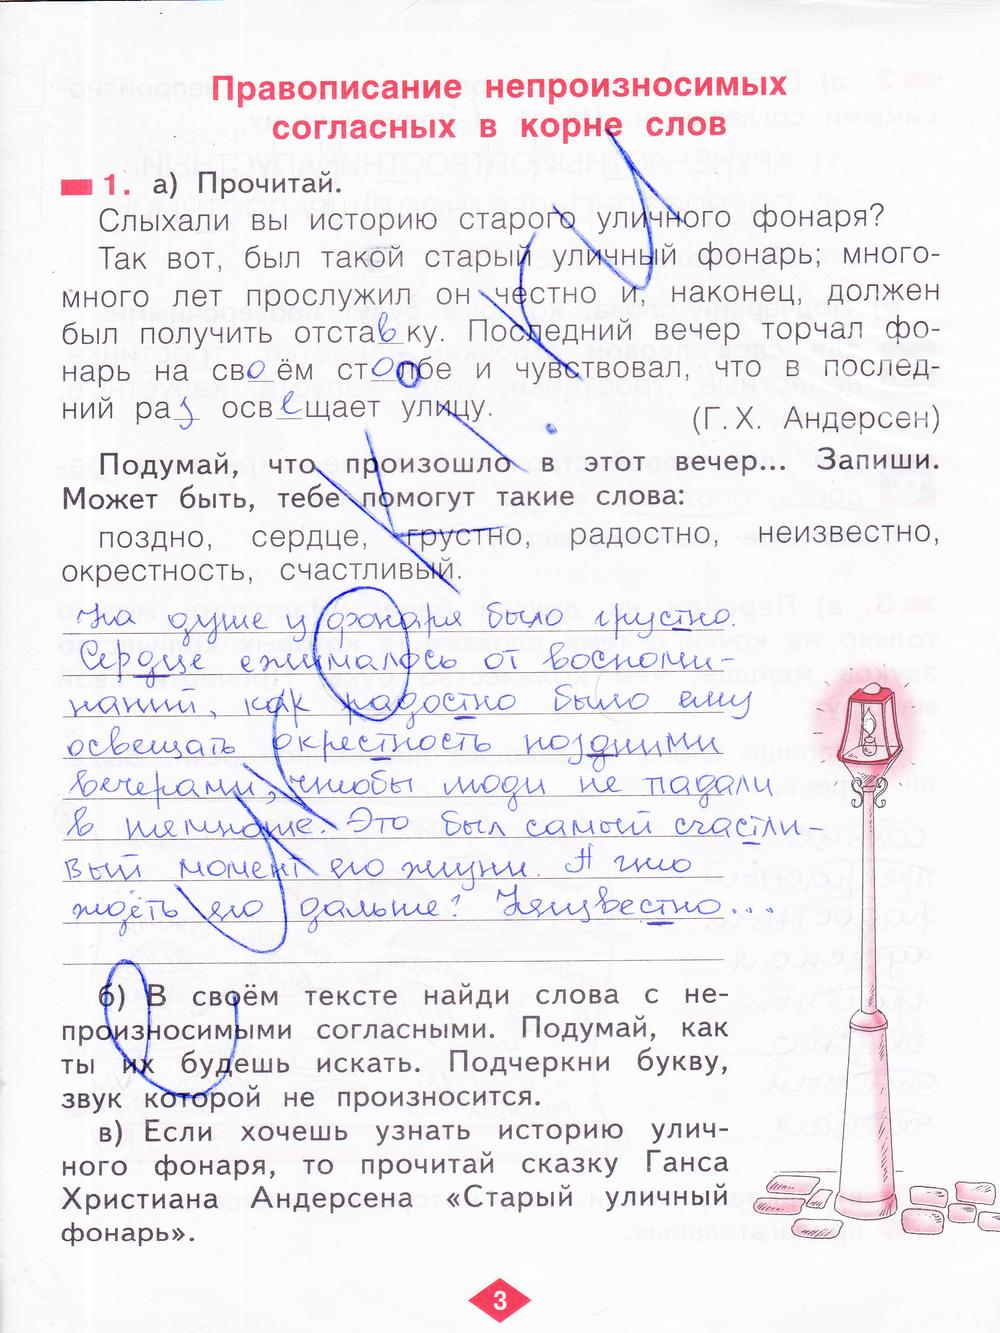 ГДЗ по русскому языку 2 класс рабочая тетрадь Яковлева Часть 1, 2, 3, 4. Задание: стр. 3